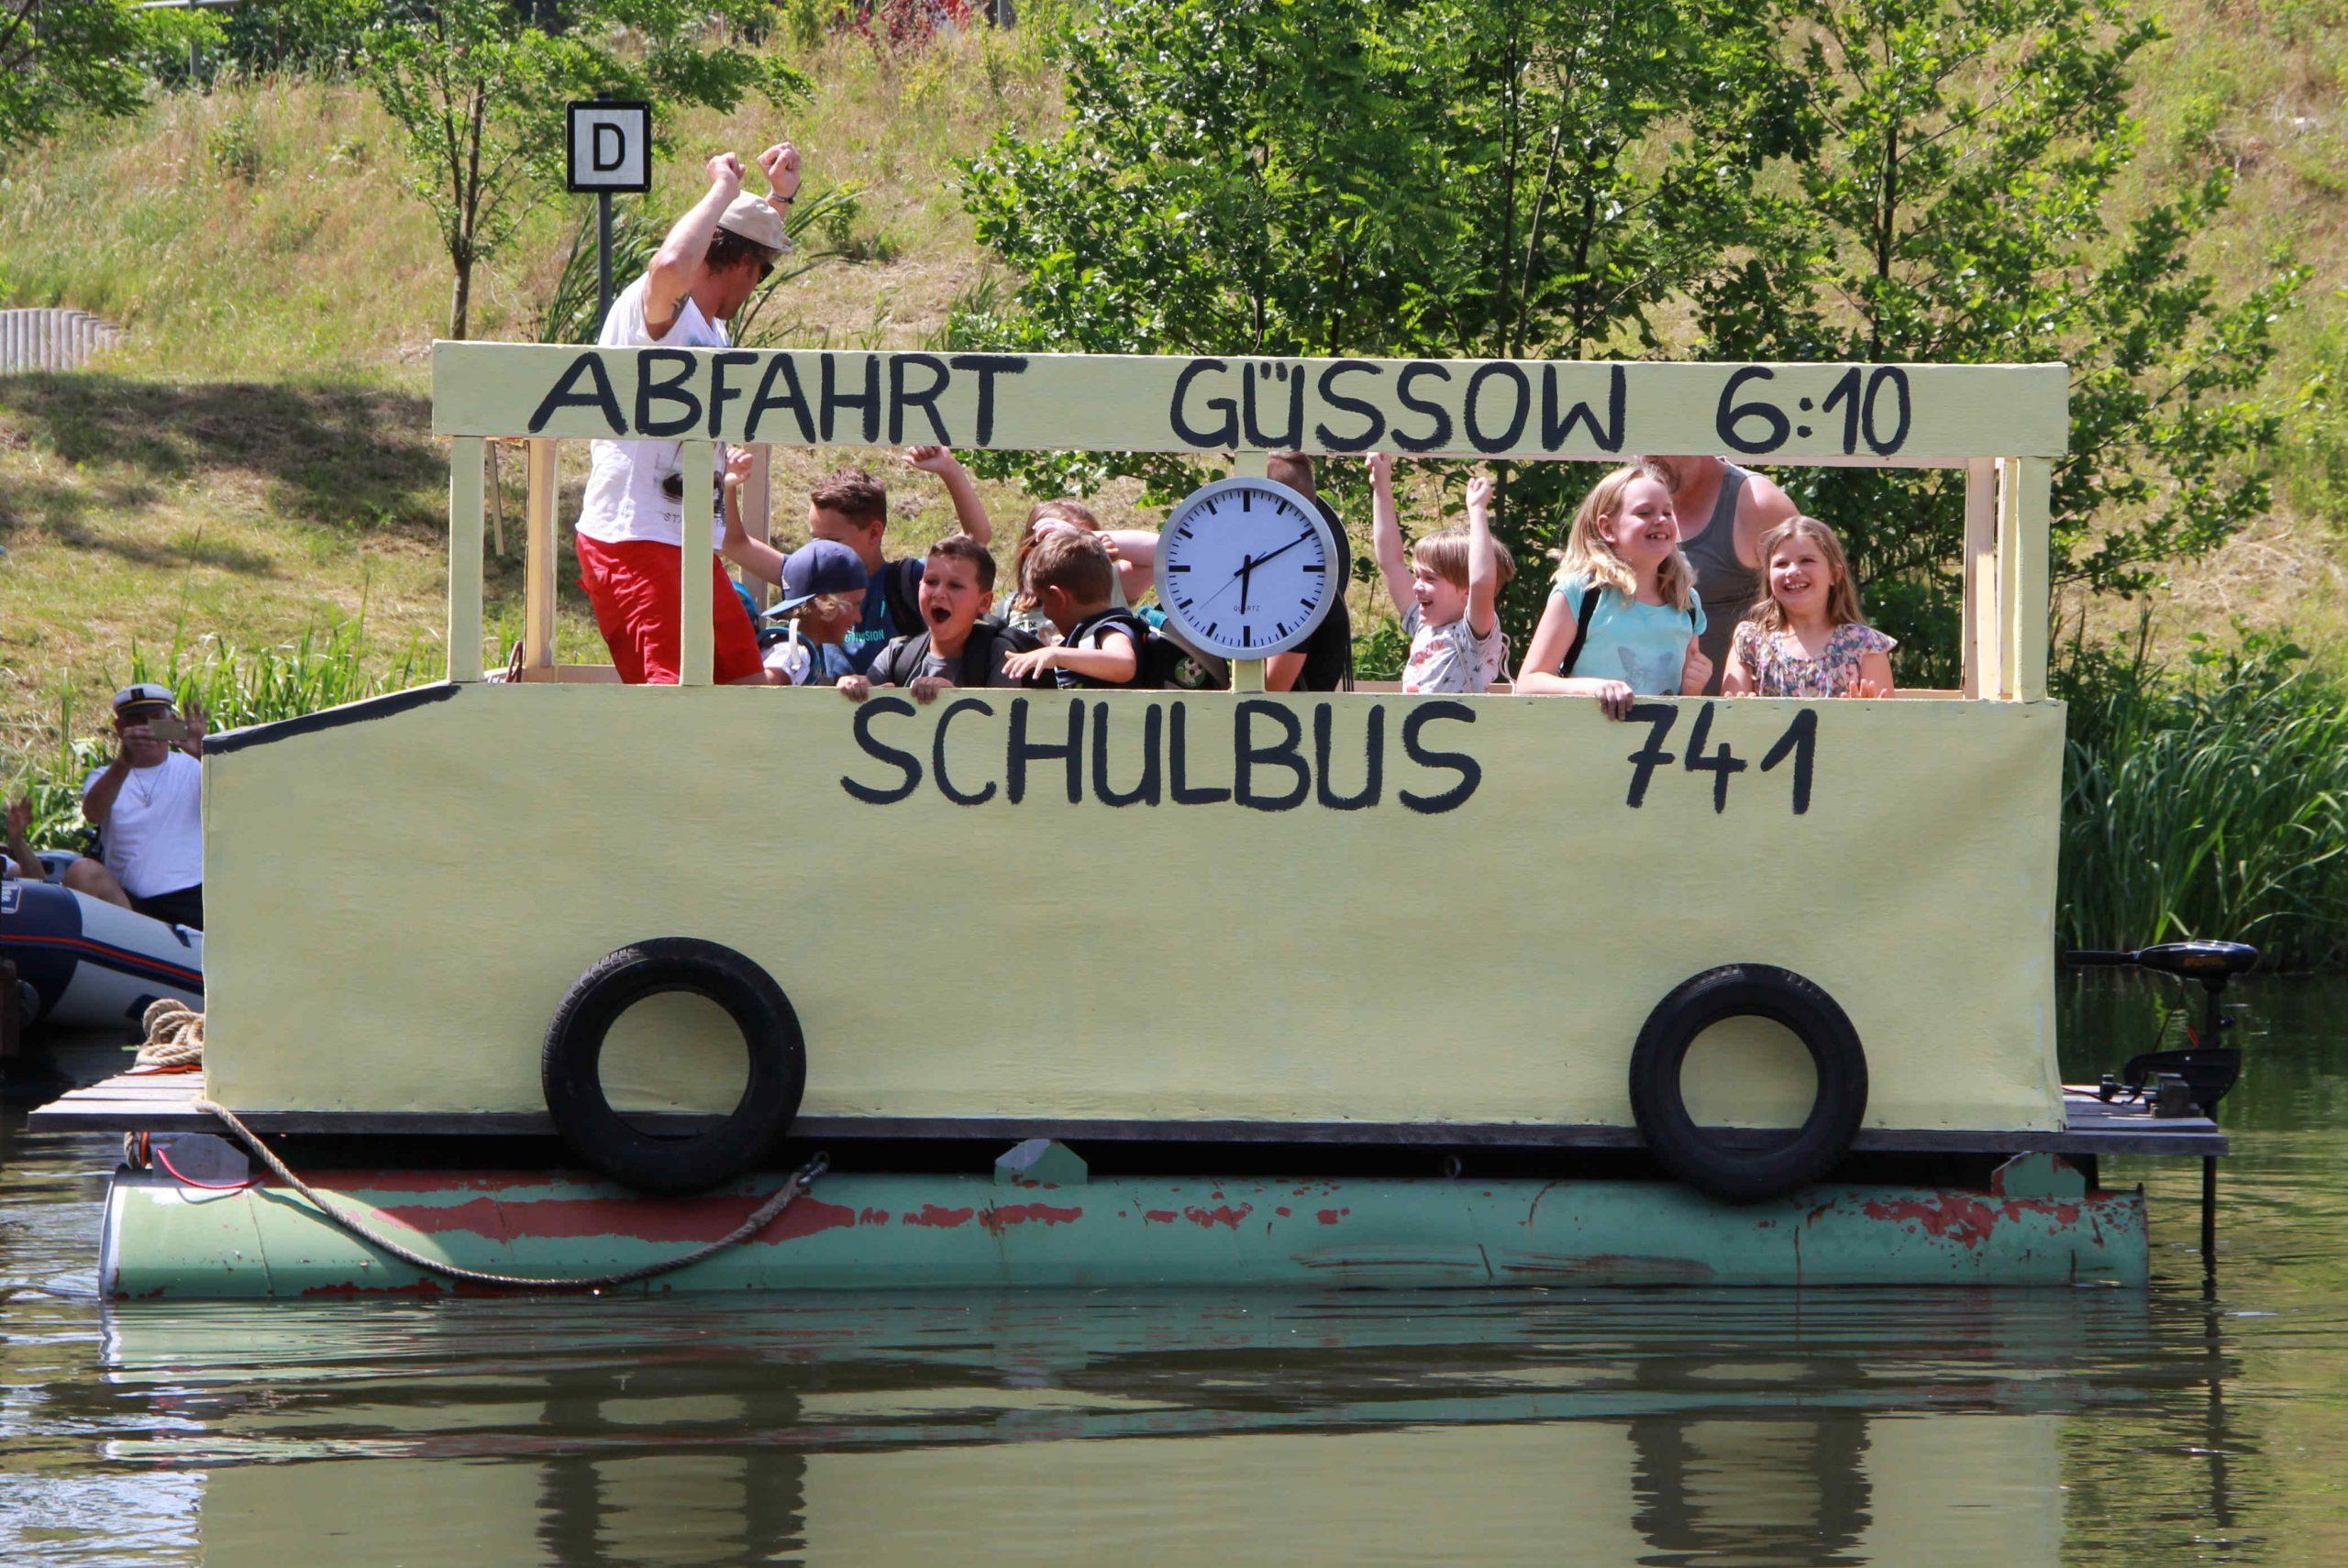 """Brühtrogpaddeln in Roßdorf: Der """"Tüftleralarm"""", eine Konkurrenz phantasievoll gestalteter Wasserfahrzeuge, ist seit 2005 eine weiterer Wettbewerb und Attraktion des Brühtrogrennens, hier: """"Der Schulbusfährt bereits um 6:10 Uhr"""" (Foto: Verein Roßdorf, 2017)"""